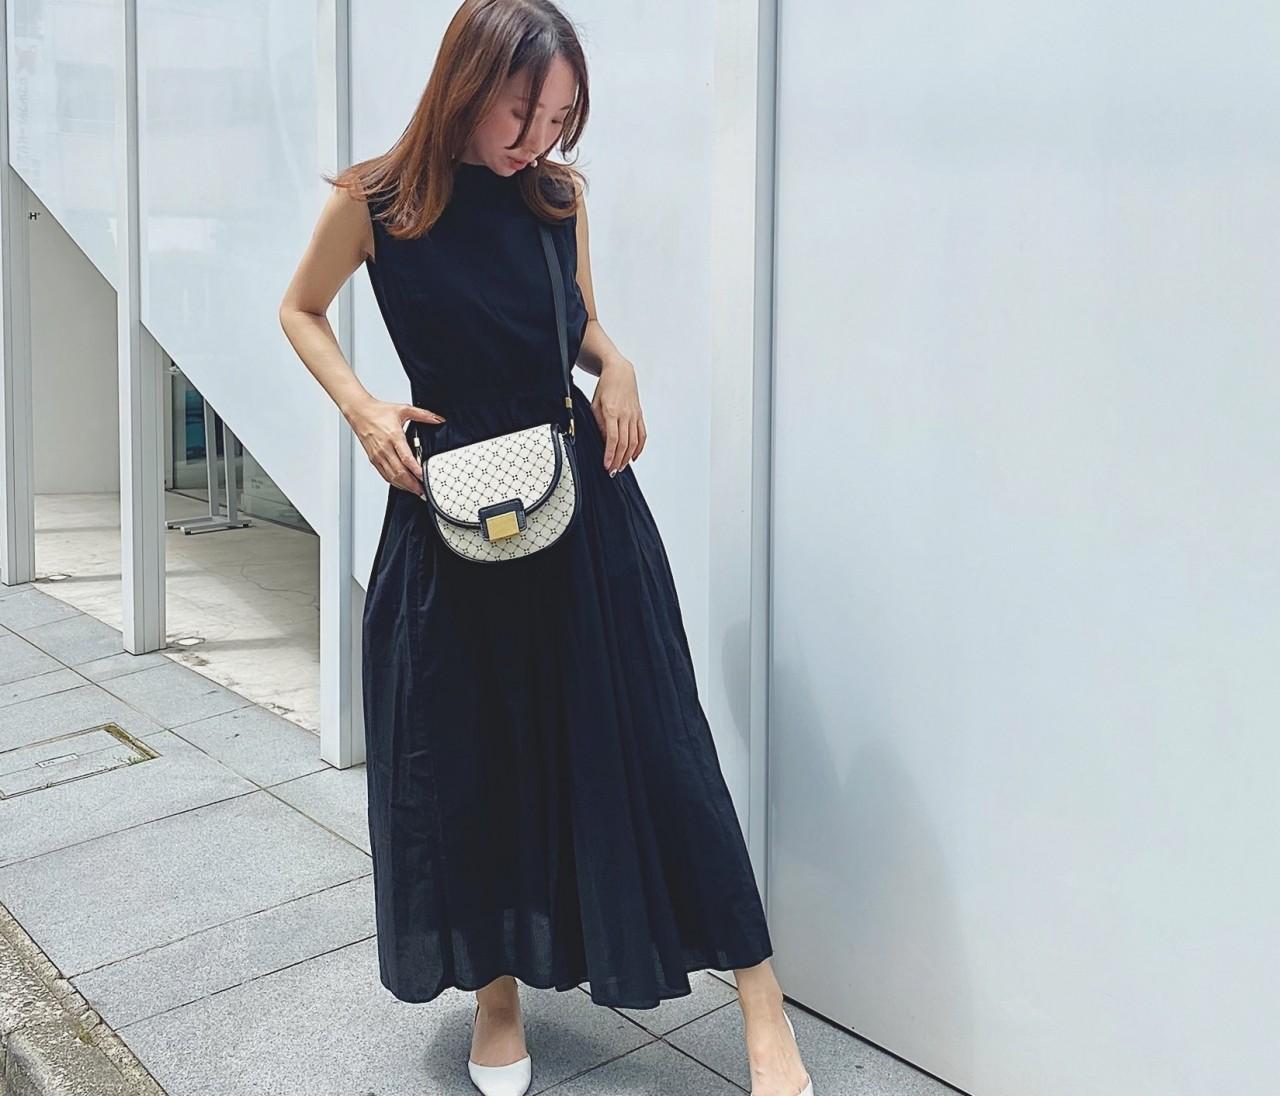 プチプラ高見え【ZARA】のバッグが見逃せない!